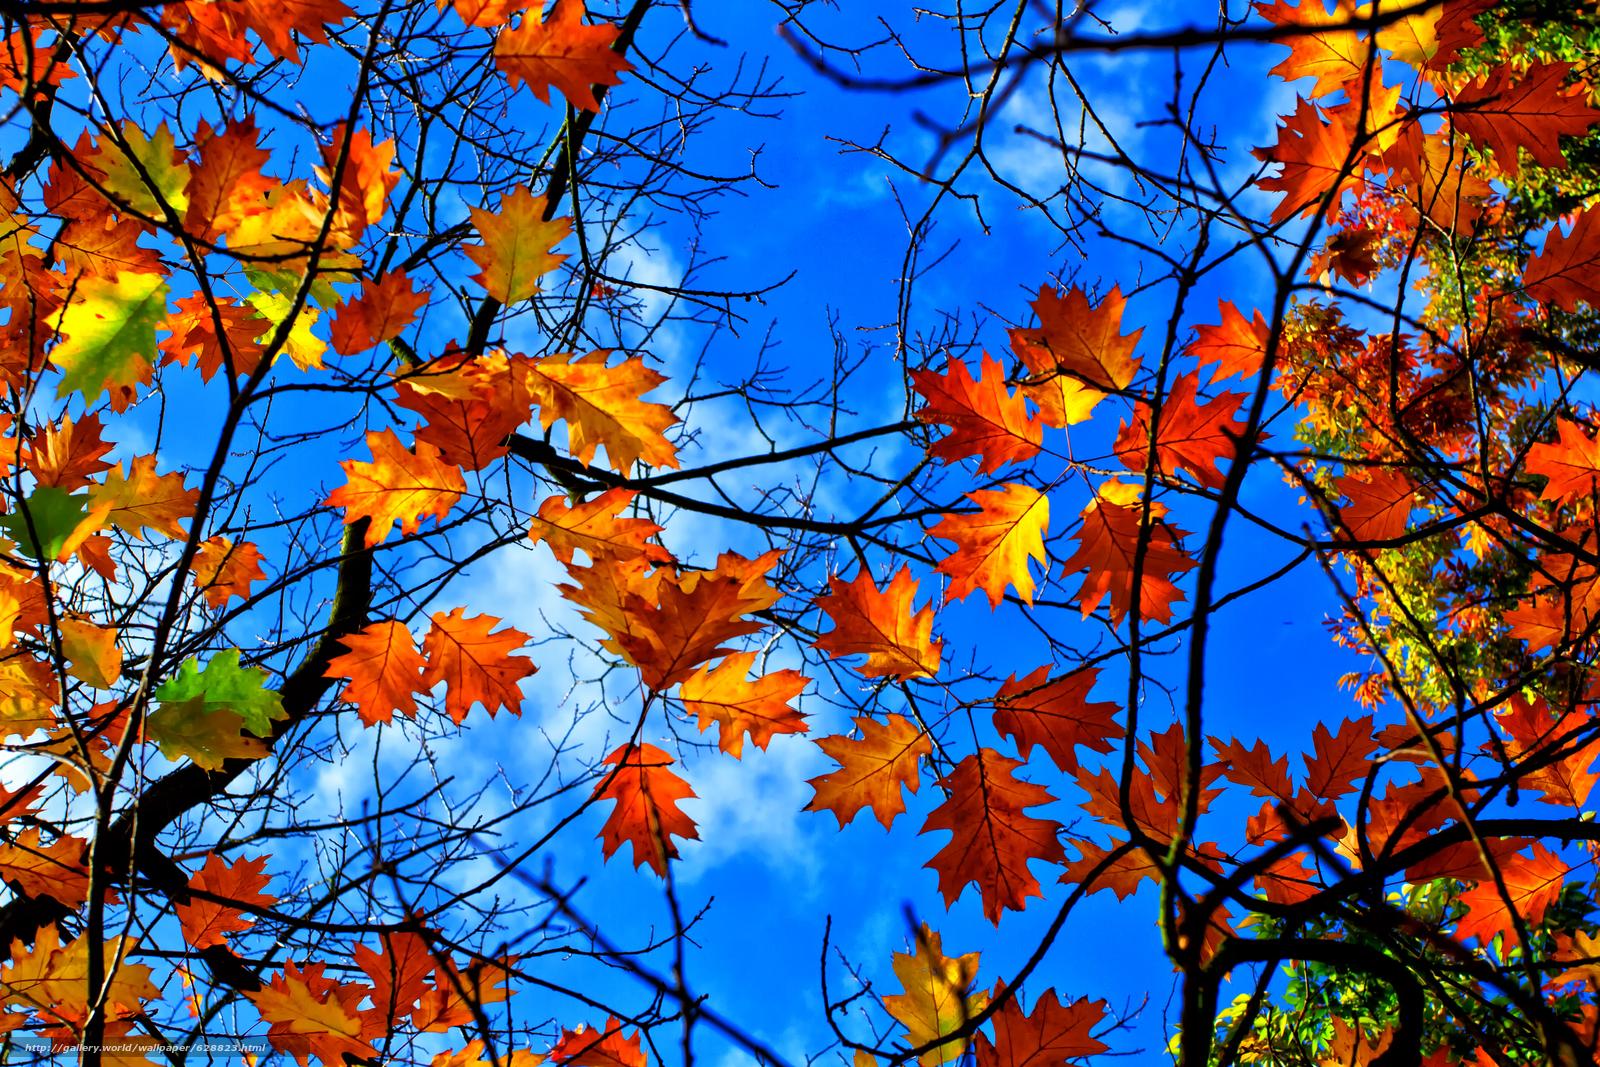 ветки, листья, небо, природа, осень